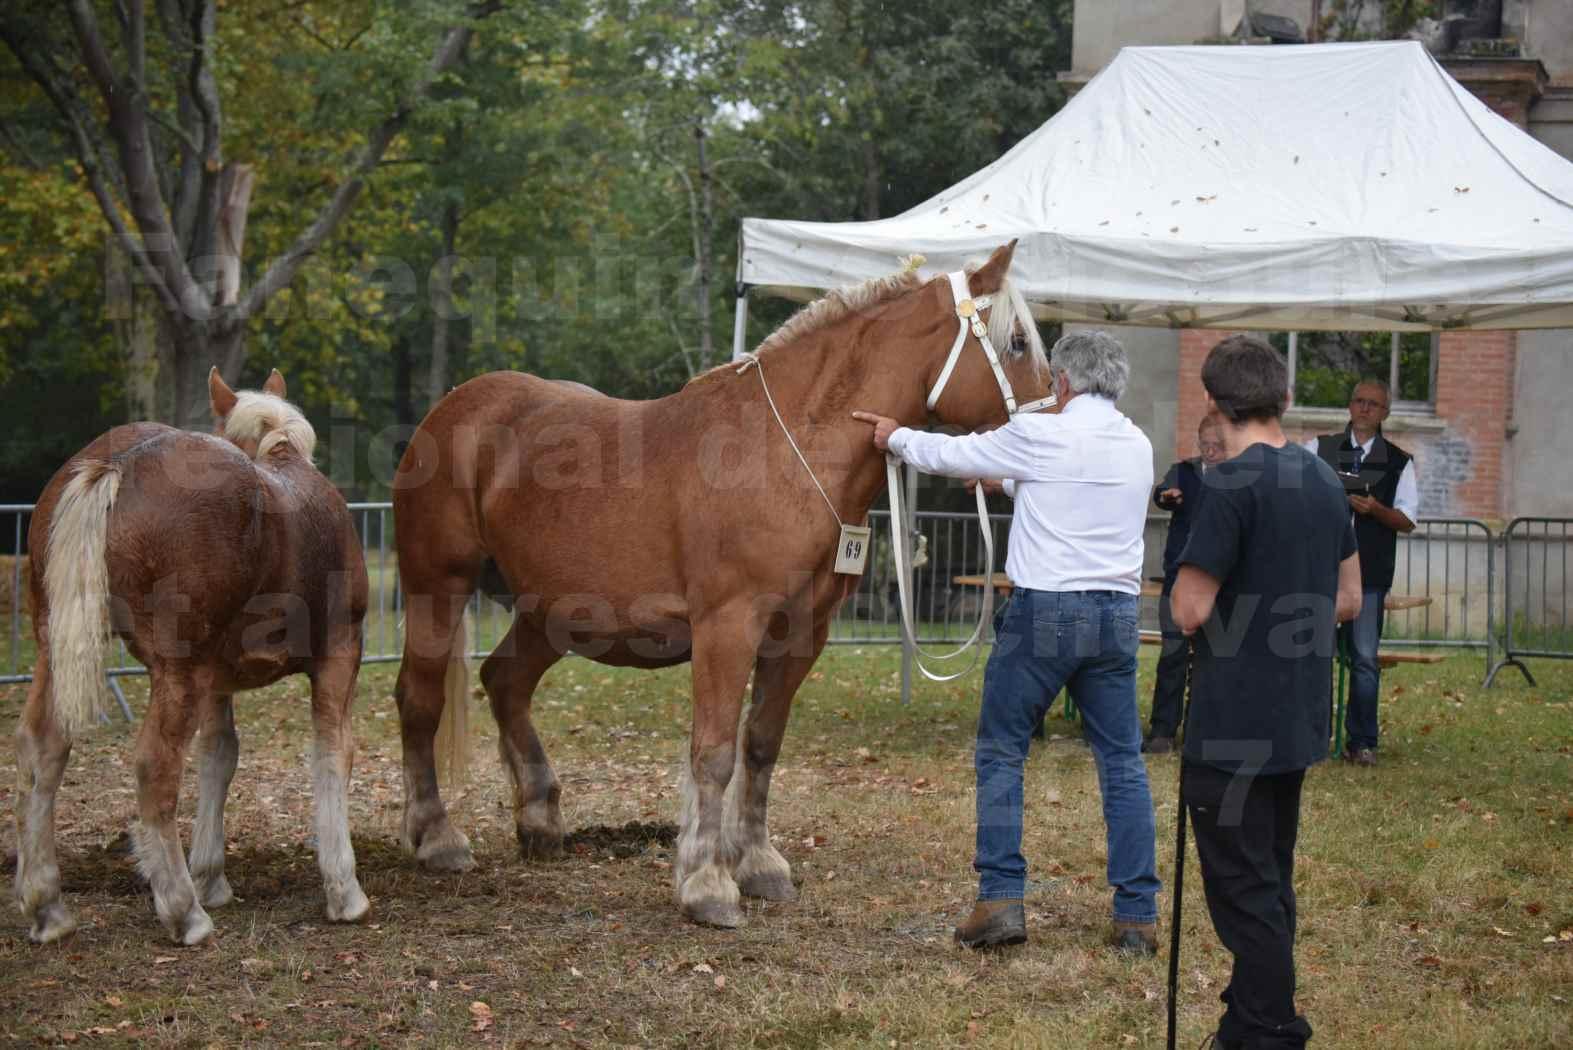 Concours Régional de chevaux de traits en 2017 - Trait COMTOIS - Jument suitée - ROXANE D'USSON - 02